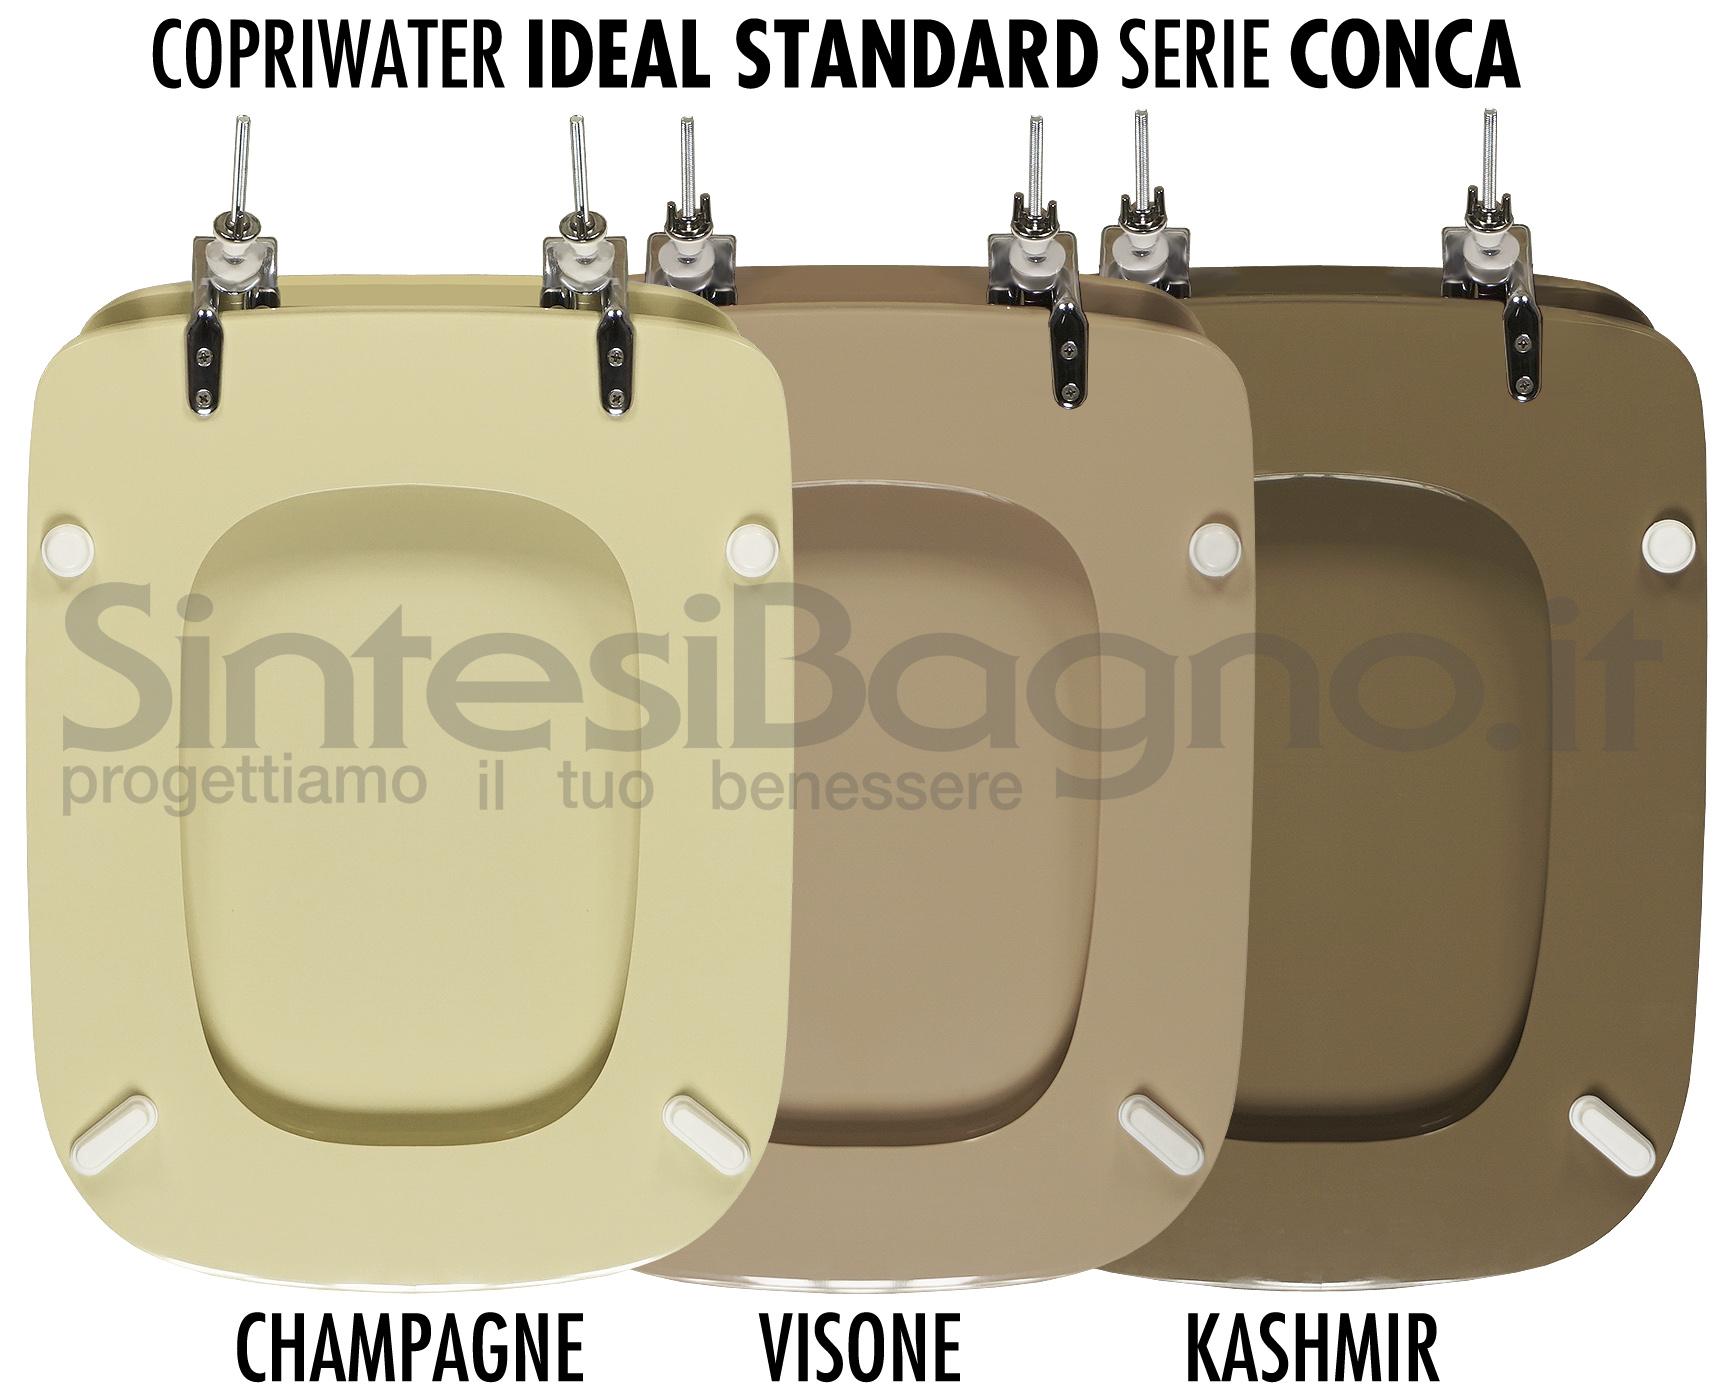 Sedile Wc Copriwater Bianco Ideal Standard Conca.I Colori Dei Sanitari Perche E Difficile Trovare Il